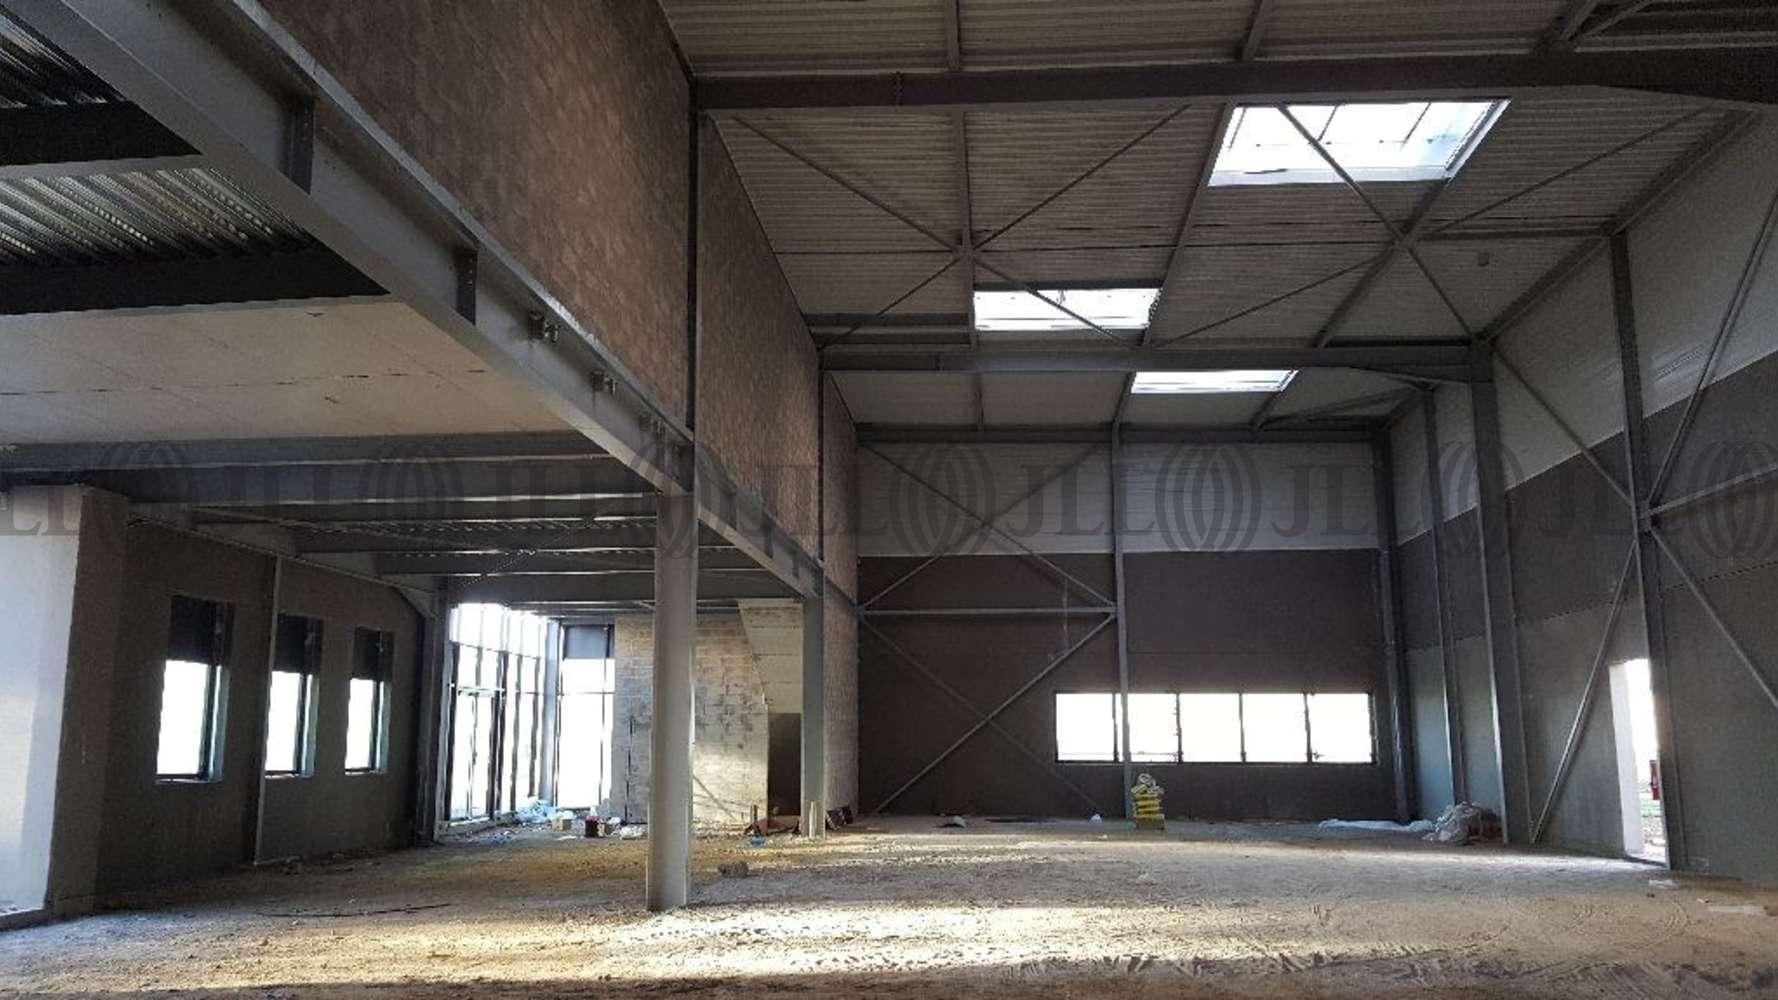 Activités/entrepôt Sucy en brie, 94370 - ECOPARC DE SUCY - 9451480